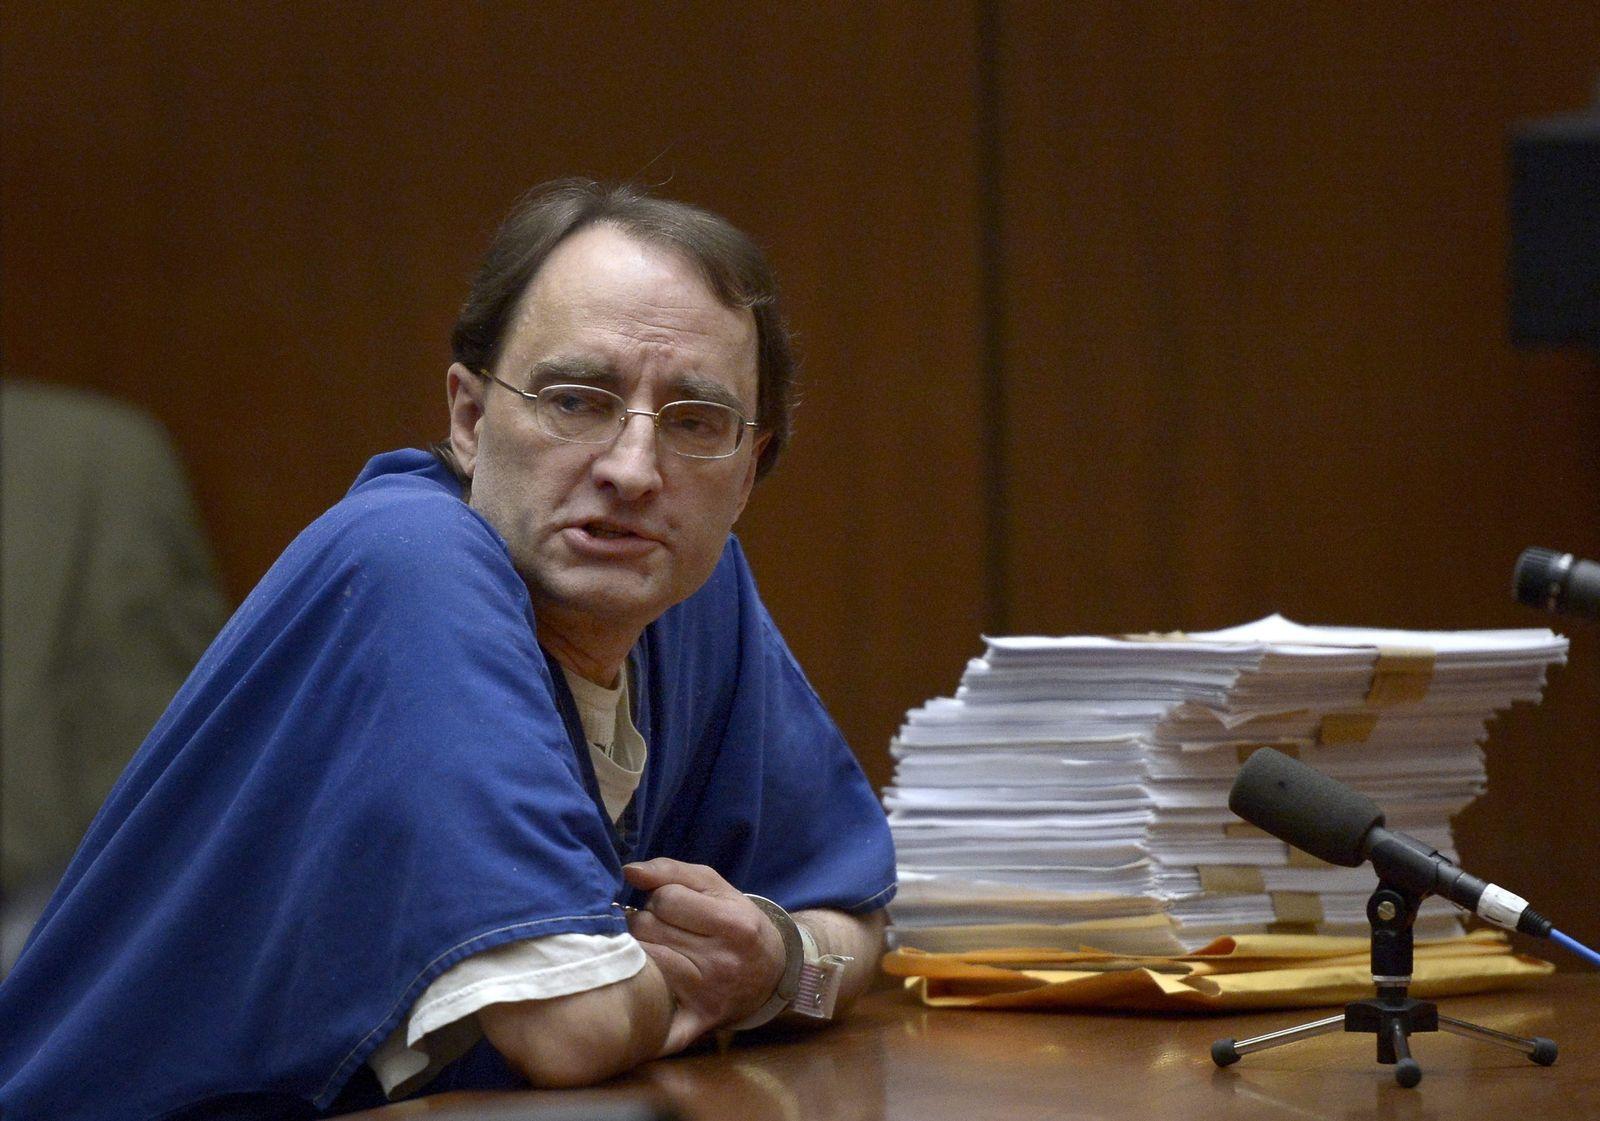 Christian K. Gerhartsreiter sentenced for murder